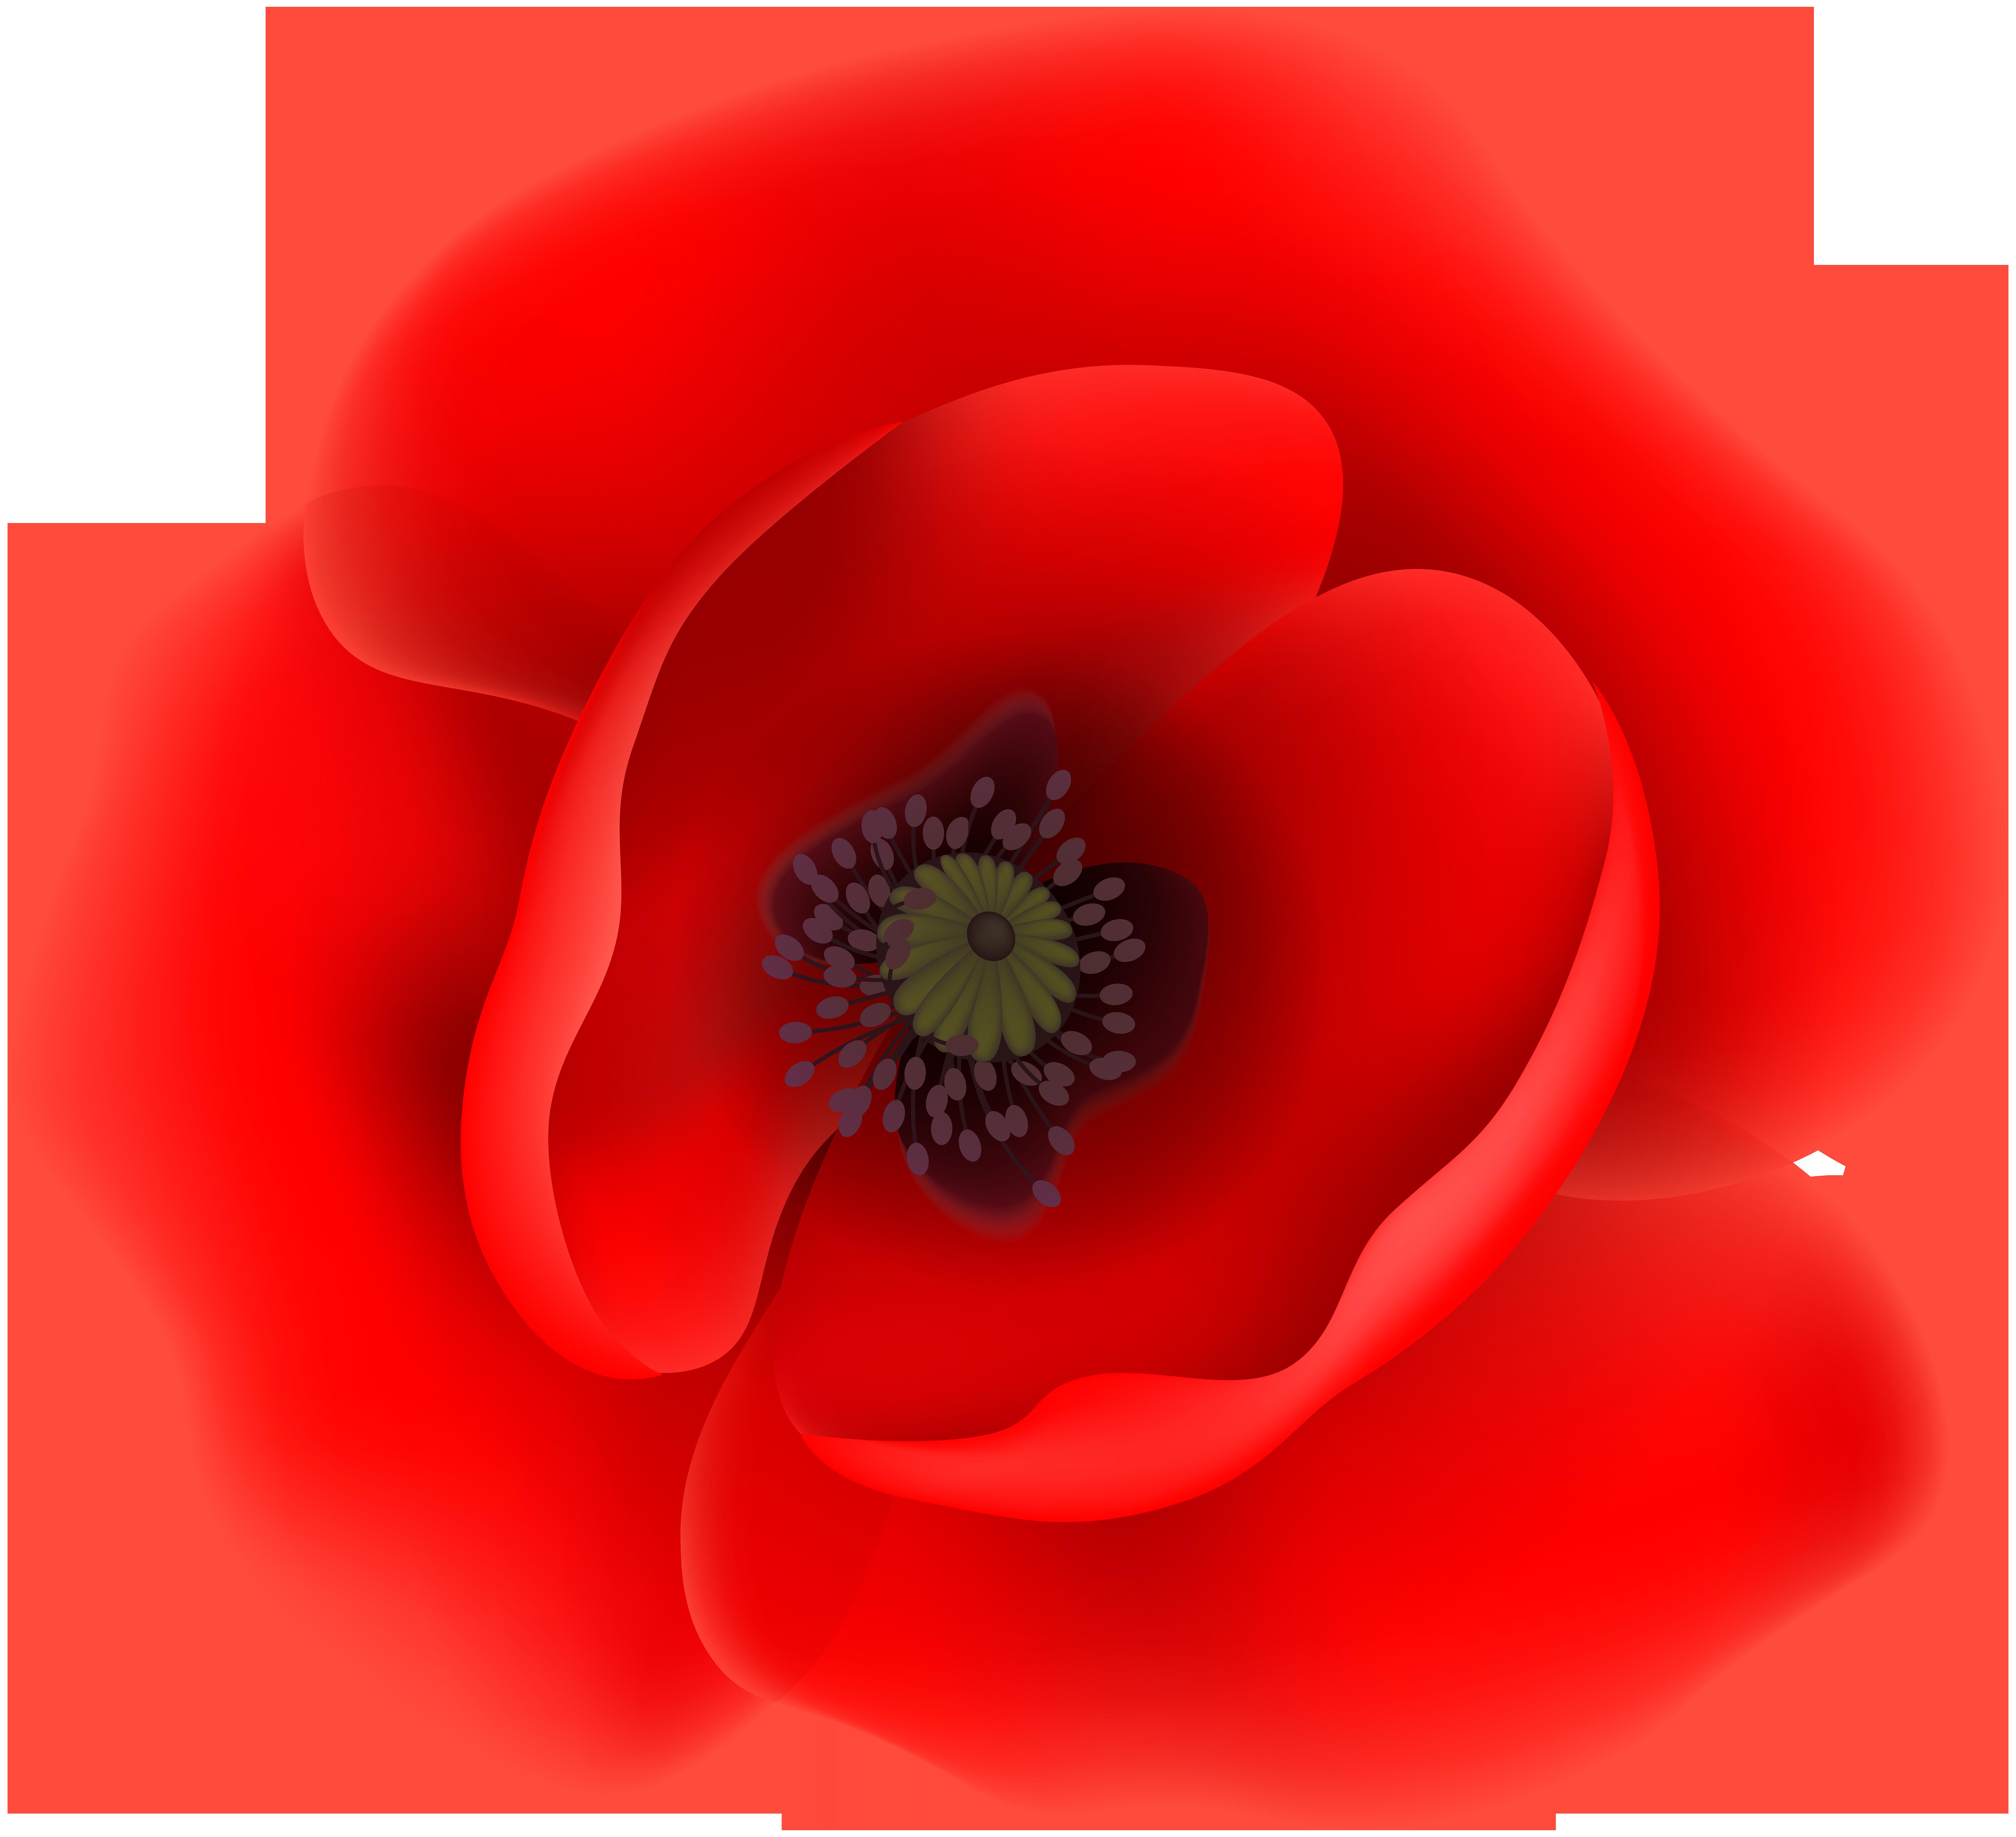 Poppy flower clipart vector transparent stock Poppy Flower Clip Art Transparent Image | Gallery Yopriceville ... vector transparent stock